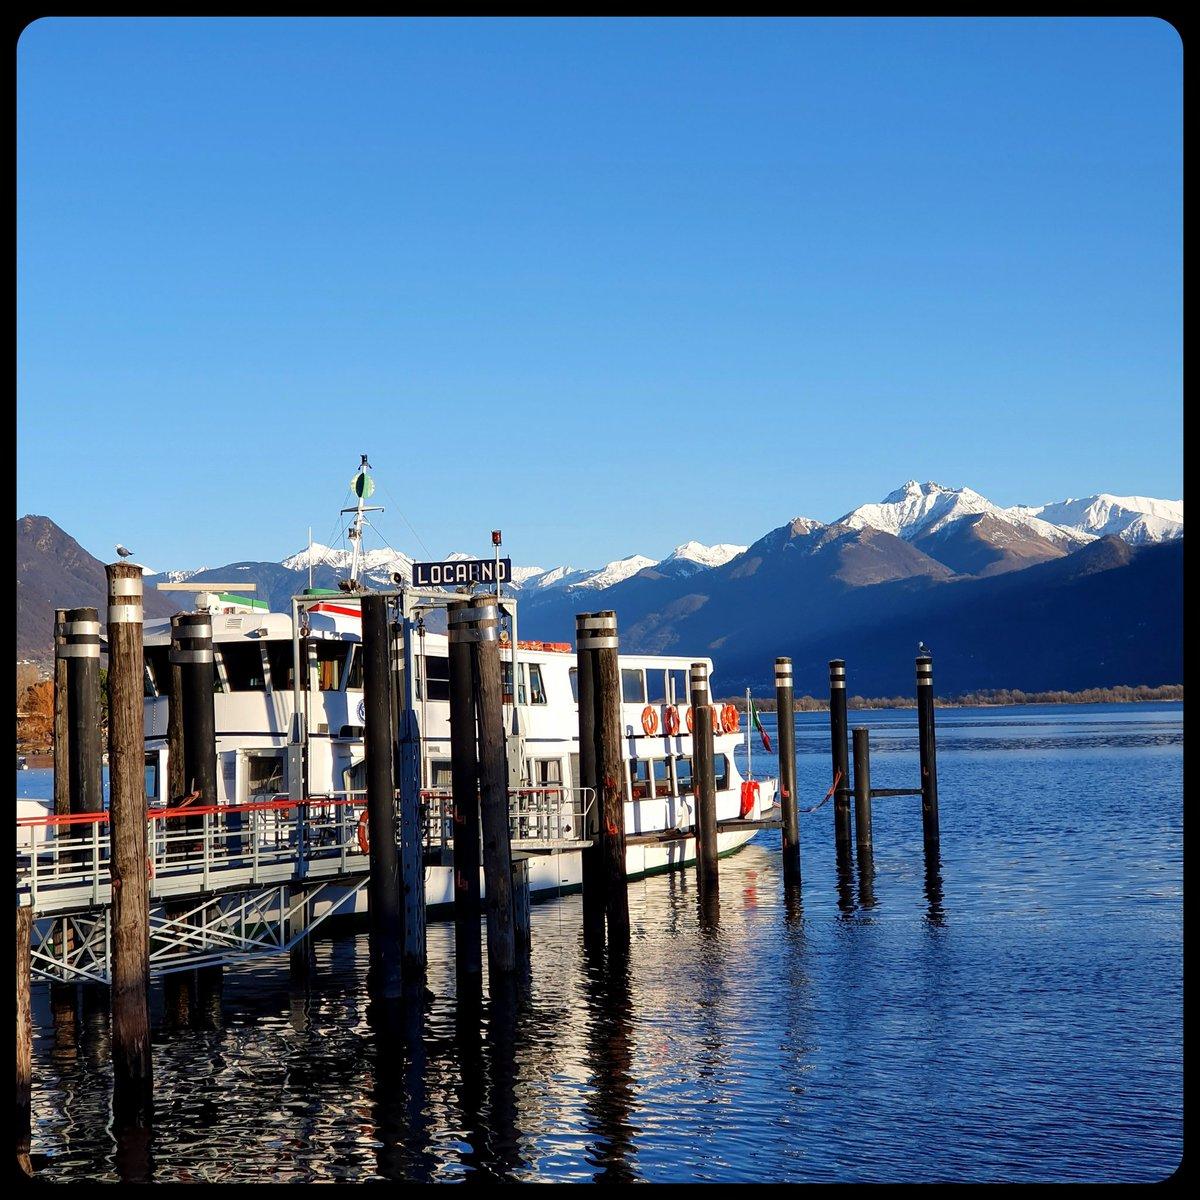 Happy Sunday #locarno #schweiz #switzerland #suisse #travelphoto #picturepic.twitter.com/pq1urGjzZg